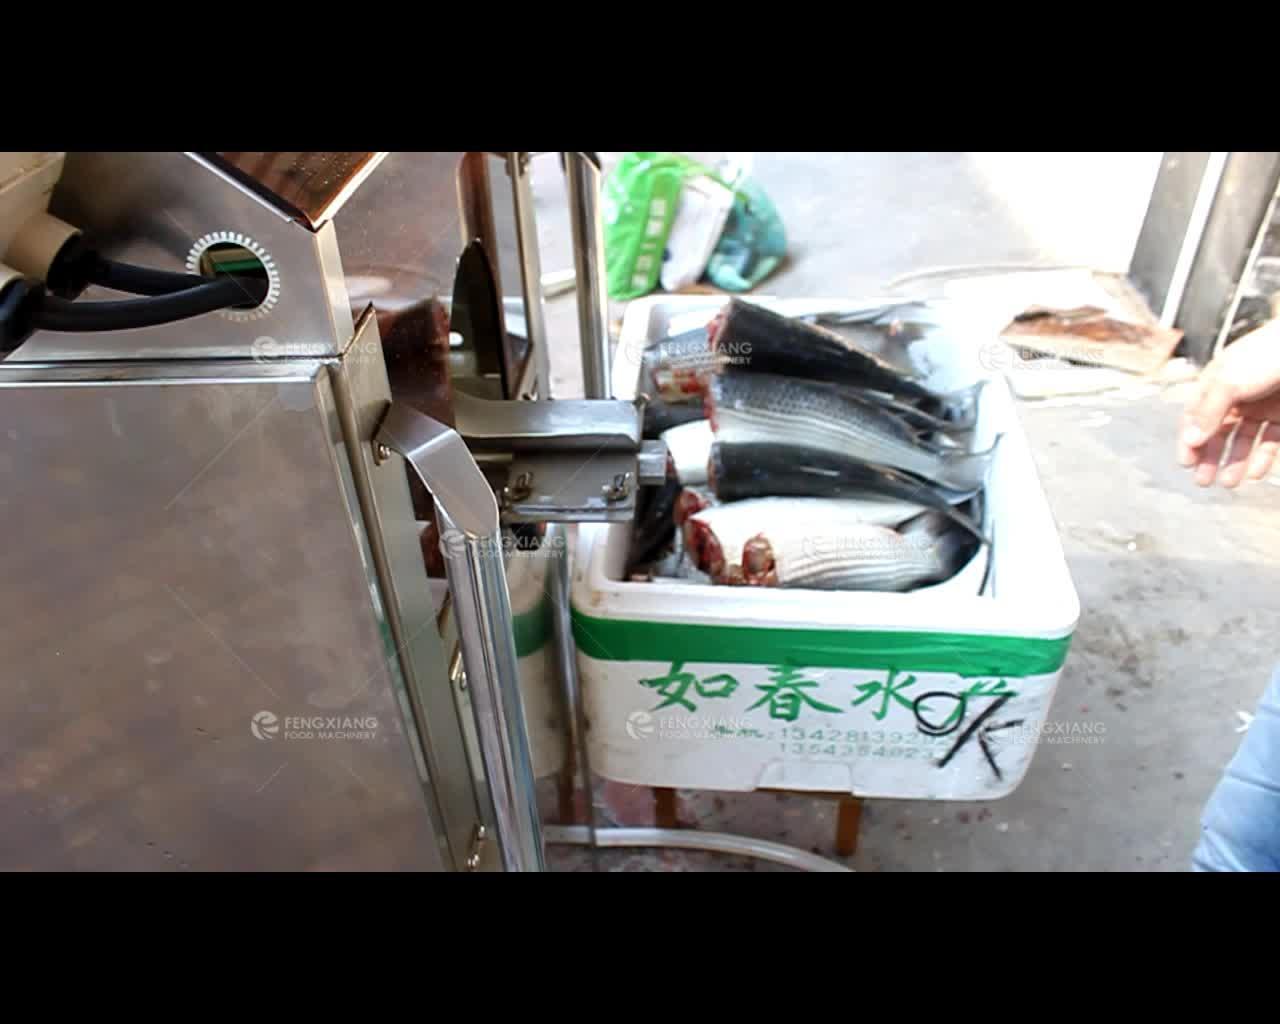 Fish Fillet Machine Fish Cutting Machine Filleting Salmon Sooted mackerel Atka mackerel Pollack Cod Deboner